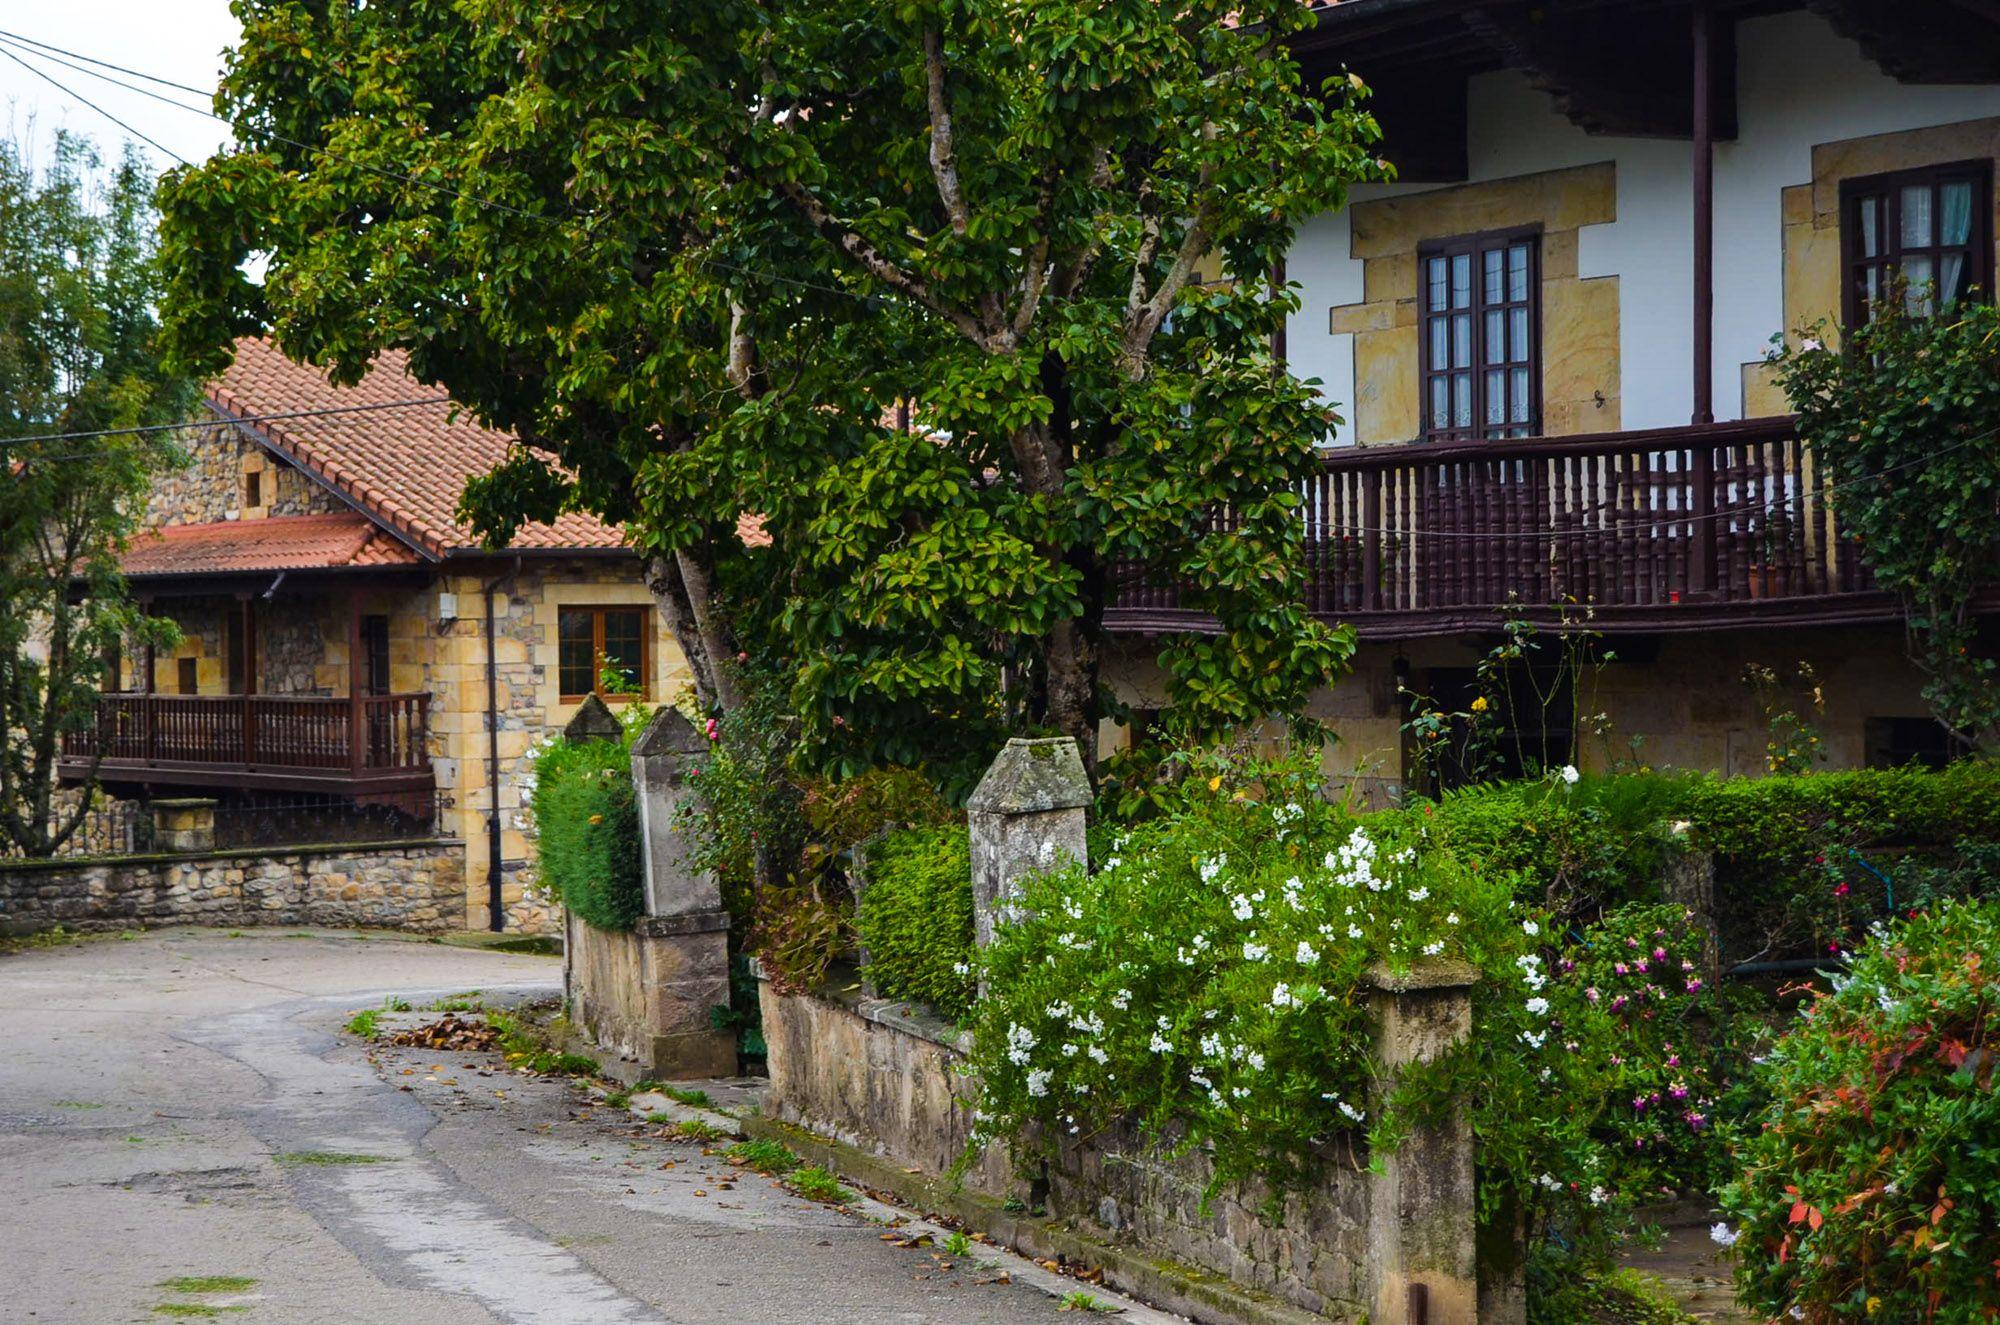 Villacarriedo, Valles pasiegos, Cantabria